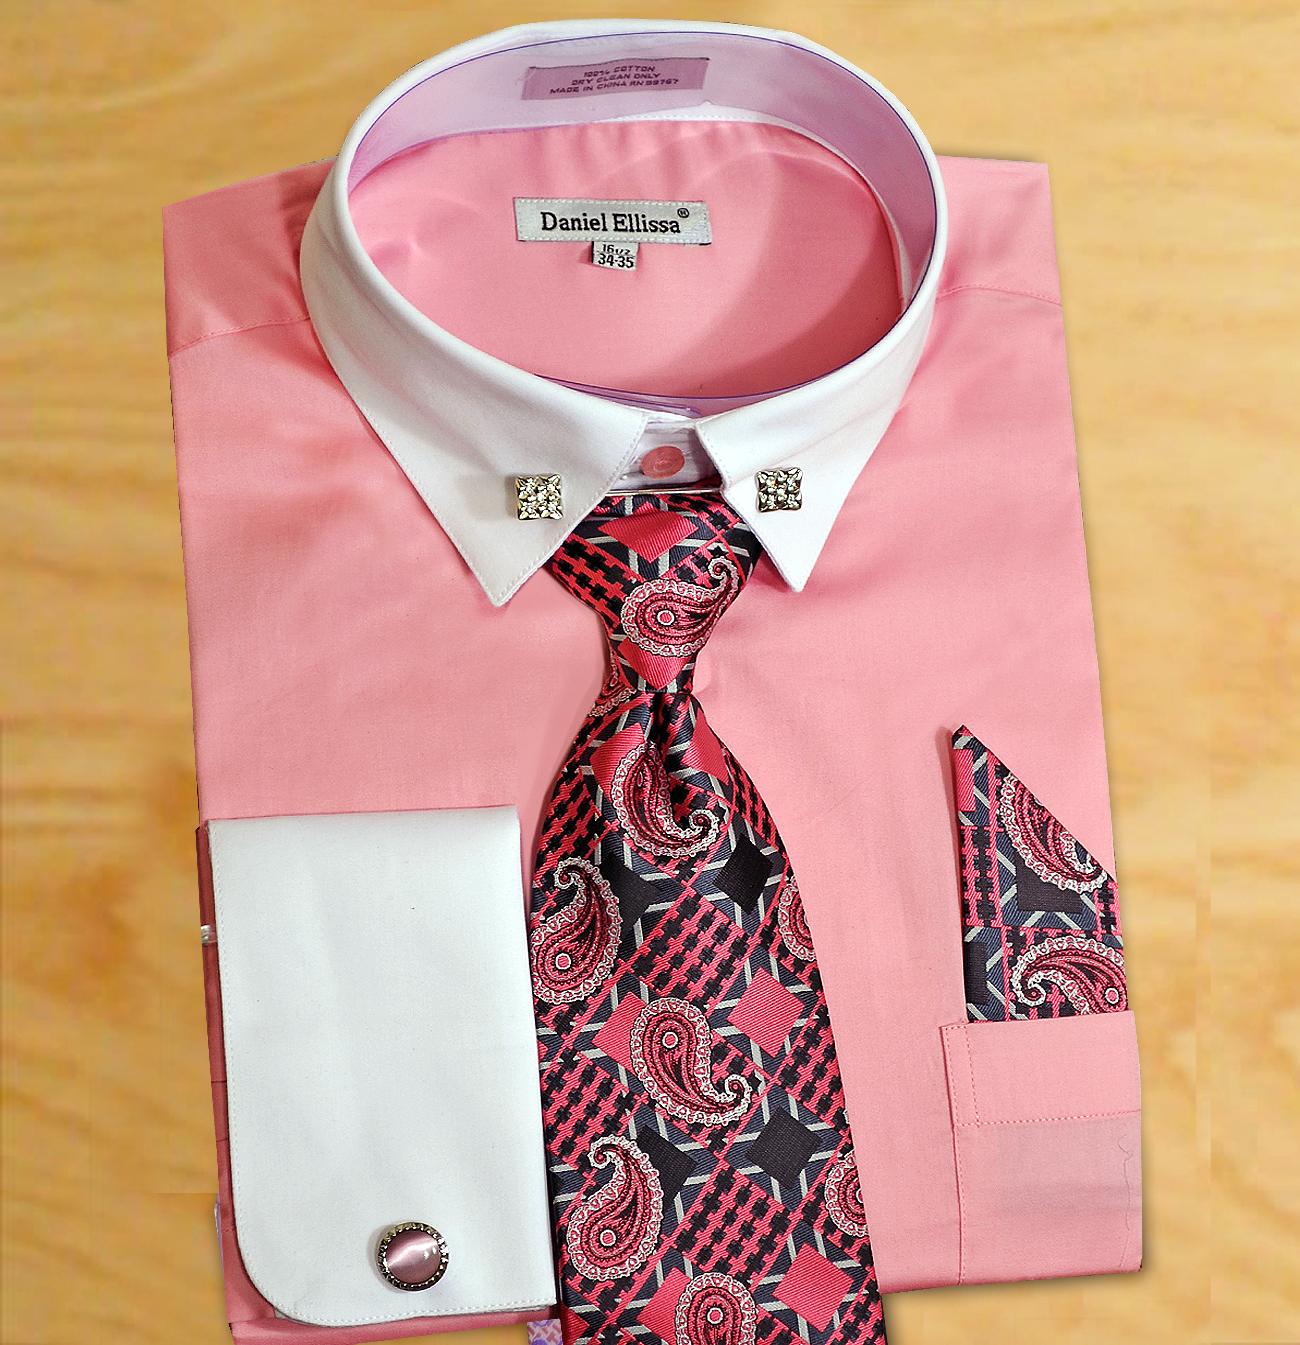 Daniel Ellissa Pink White Cotton Dress Shirt Tie